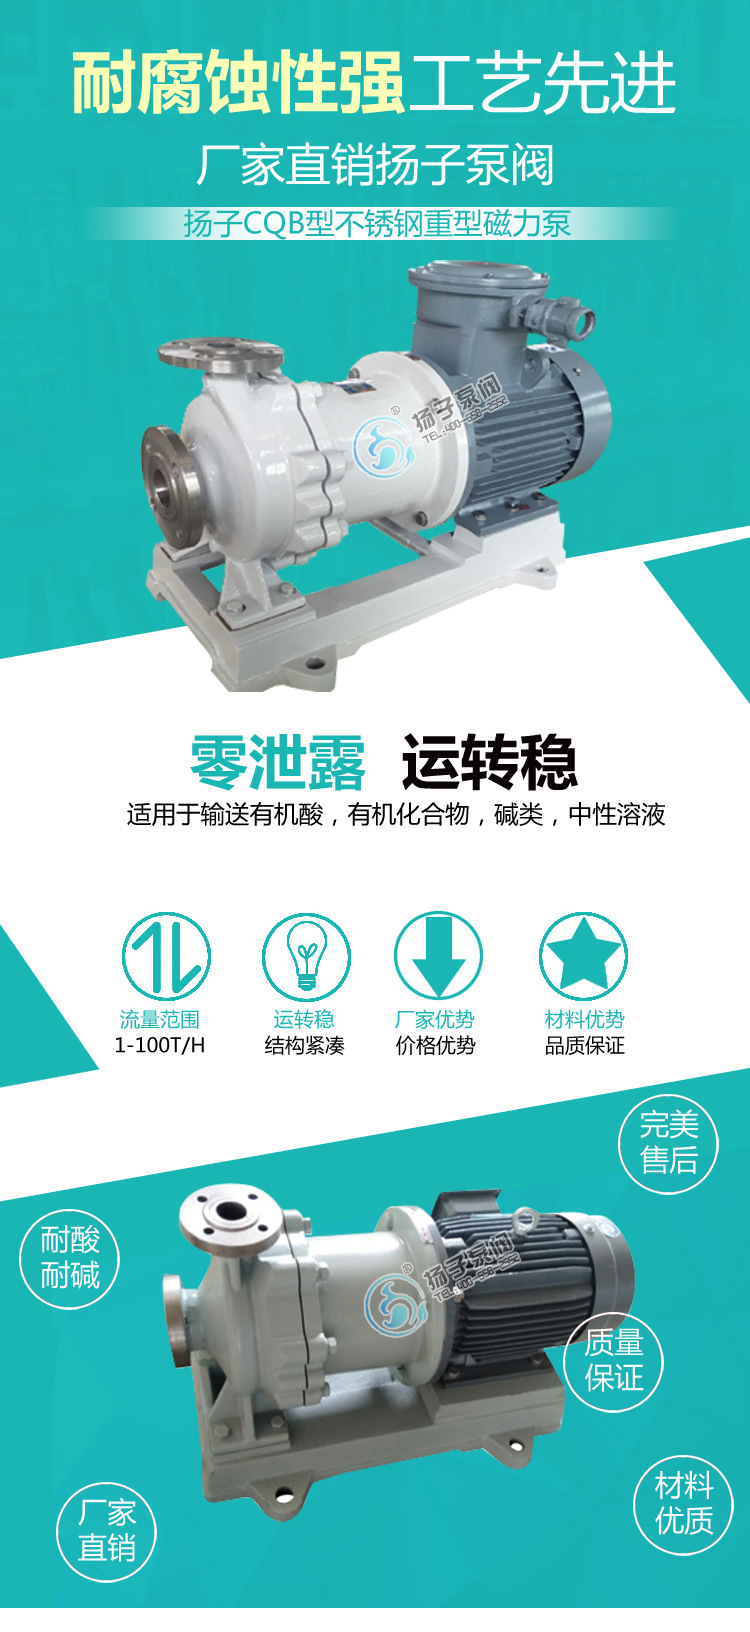 CQB重型不锈钢磁力泵 大流量 高扬程 防爆型零泄露化工泵厂家直销示例图1